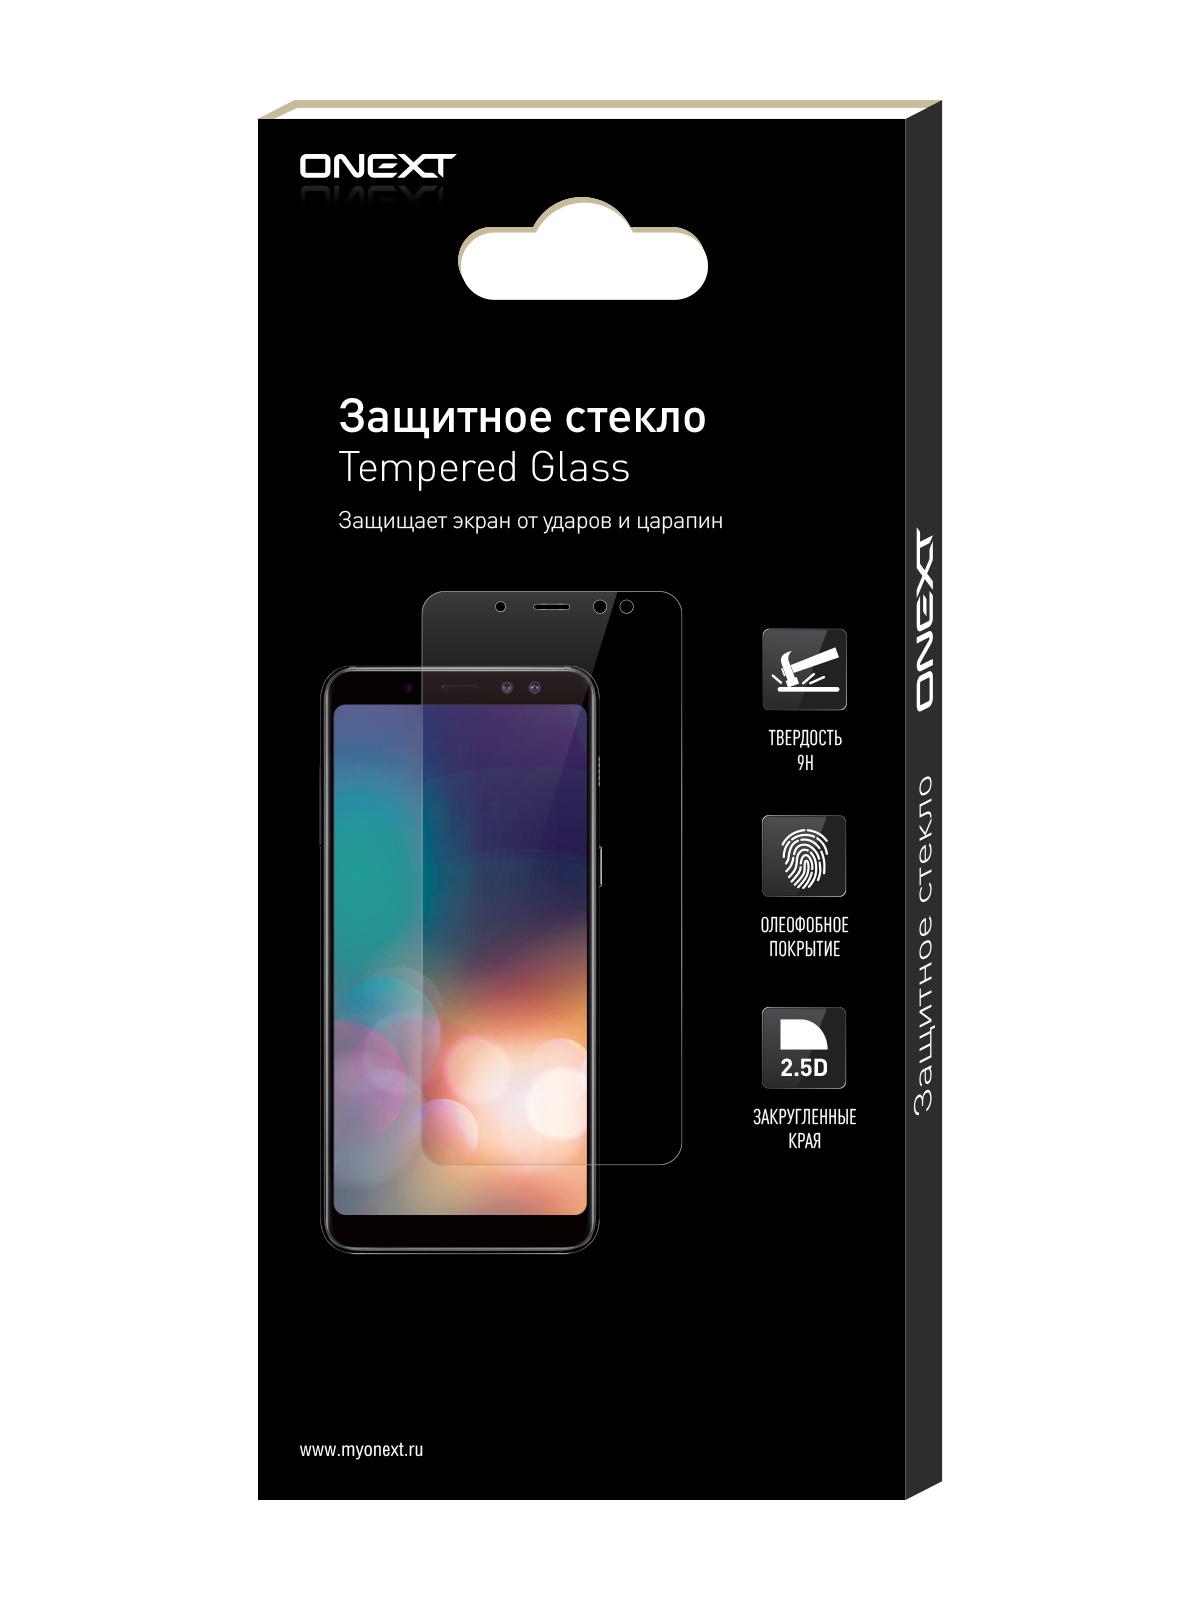 Защитное стекло ONEXT Asus Zenfone Go ZC451TG все цены